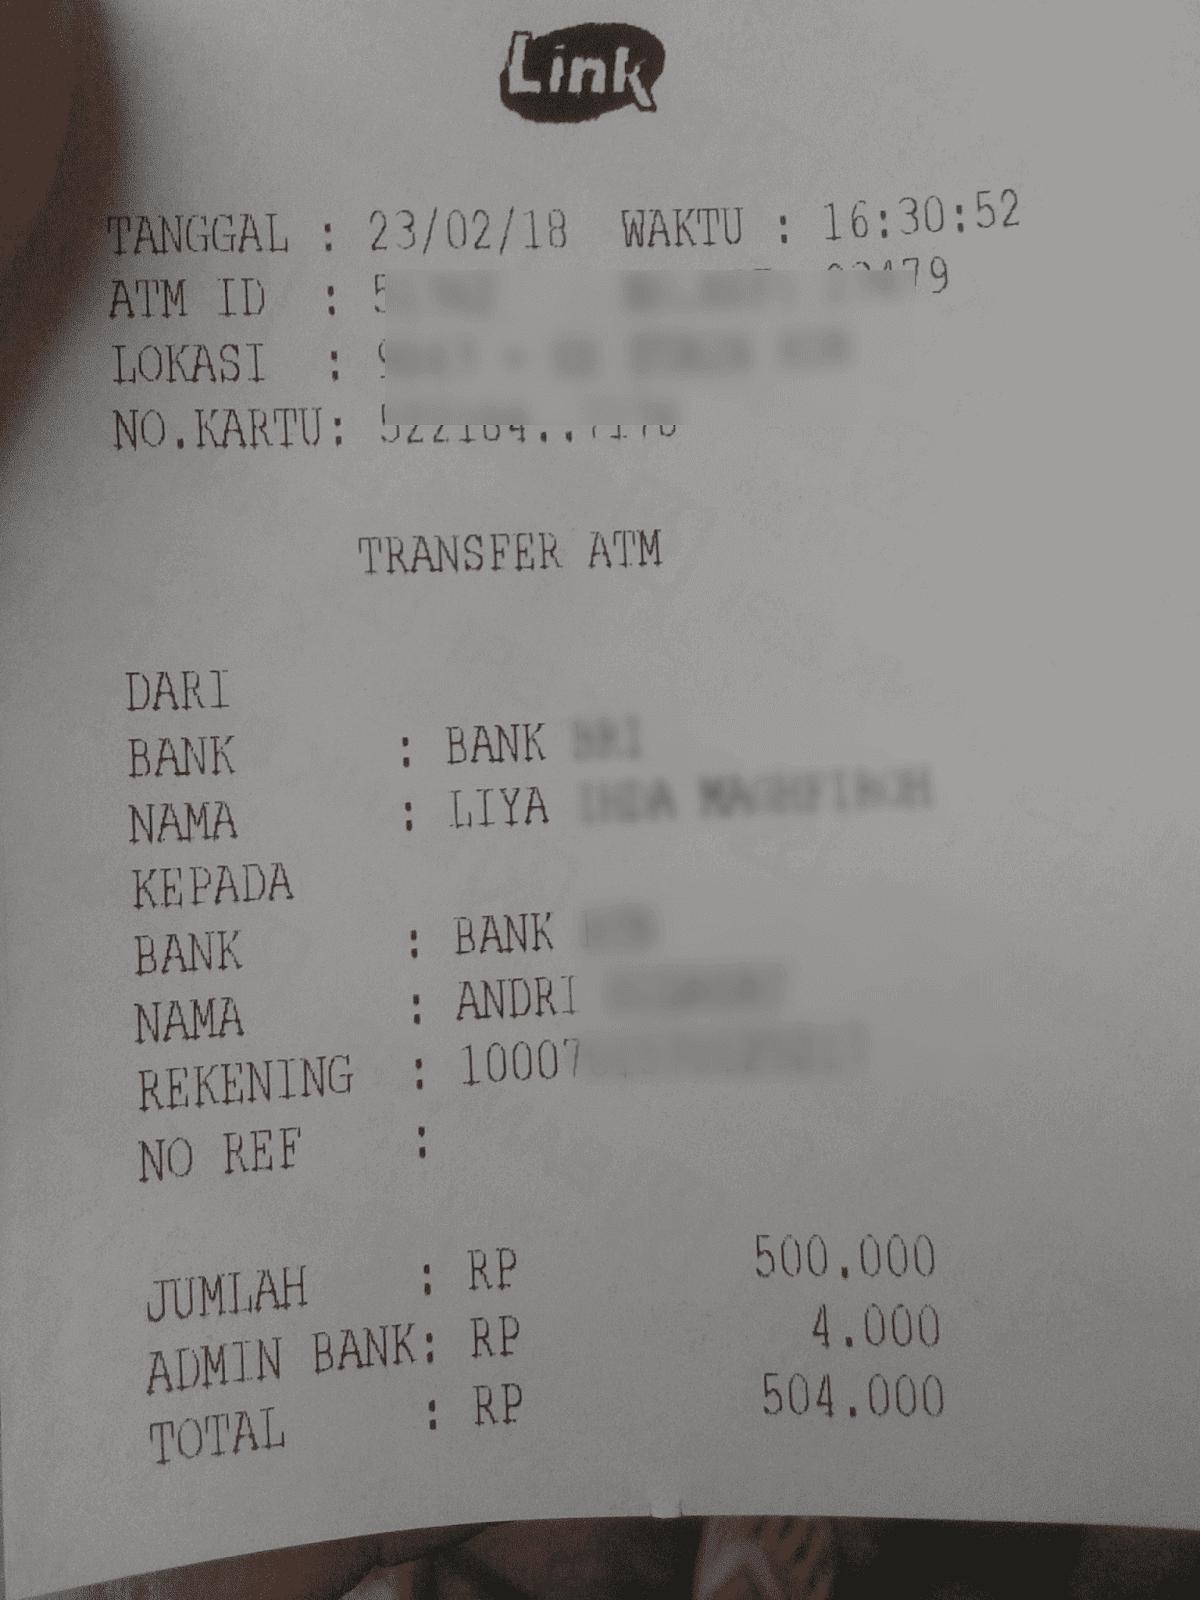 Qiagames Pertama Kali Cara Transfer Bri Ke Bca Berserta Kode Bank Biaya Admin